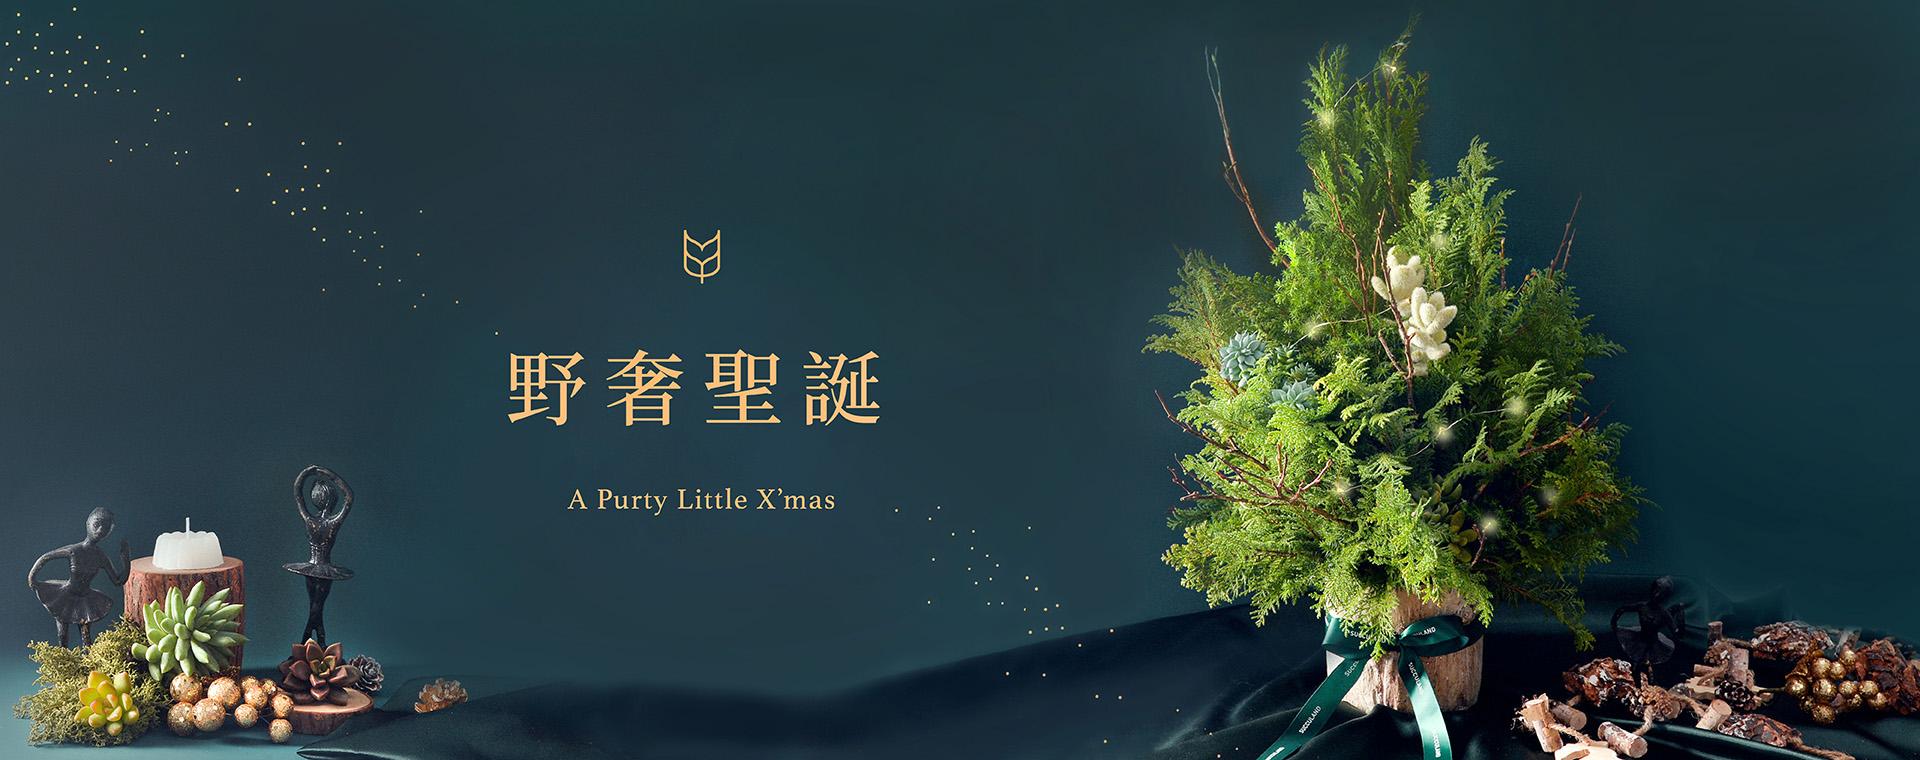 [ 聖誕活動 ] 野奢聖誕(多肉聖誕樹) 官網 1